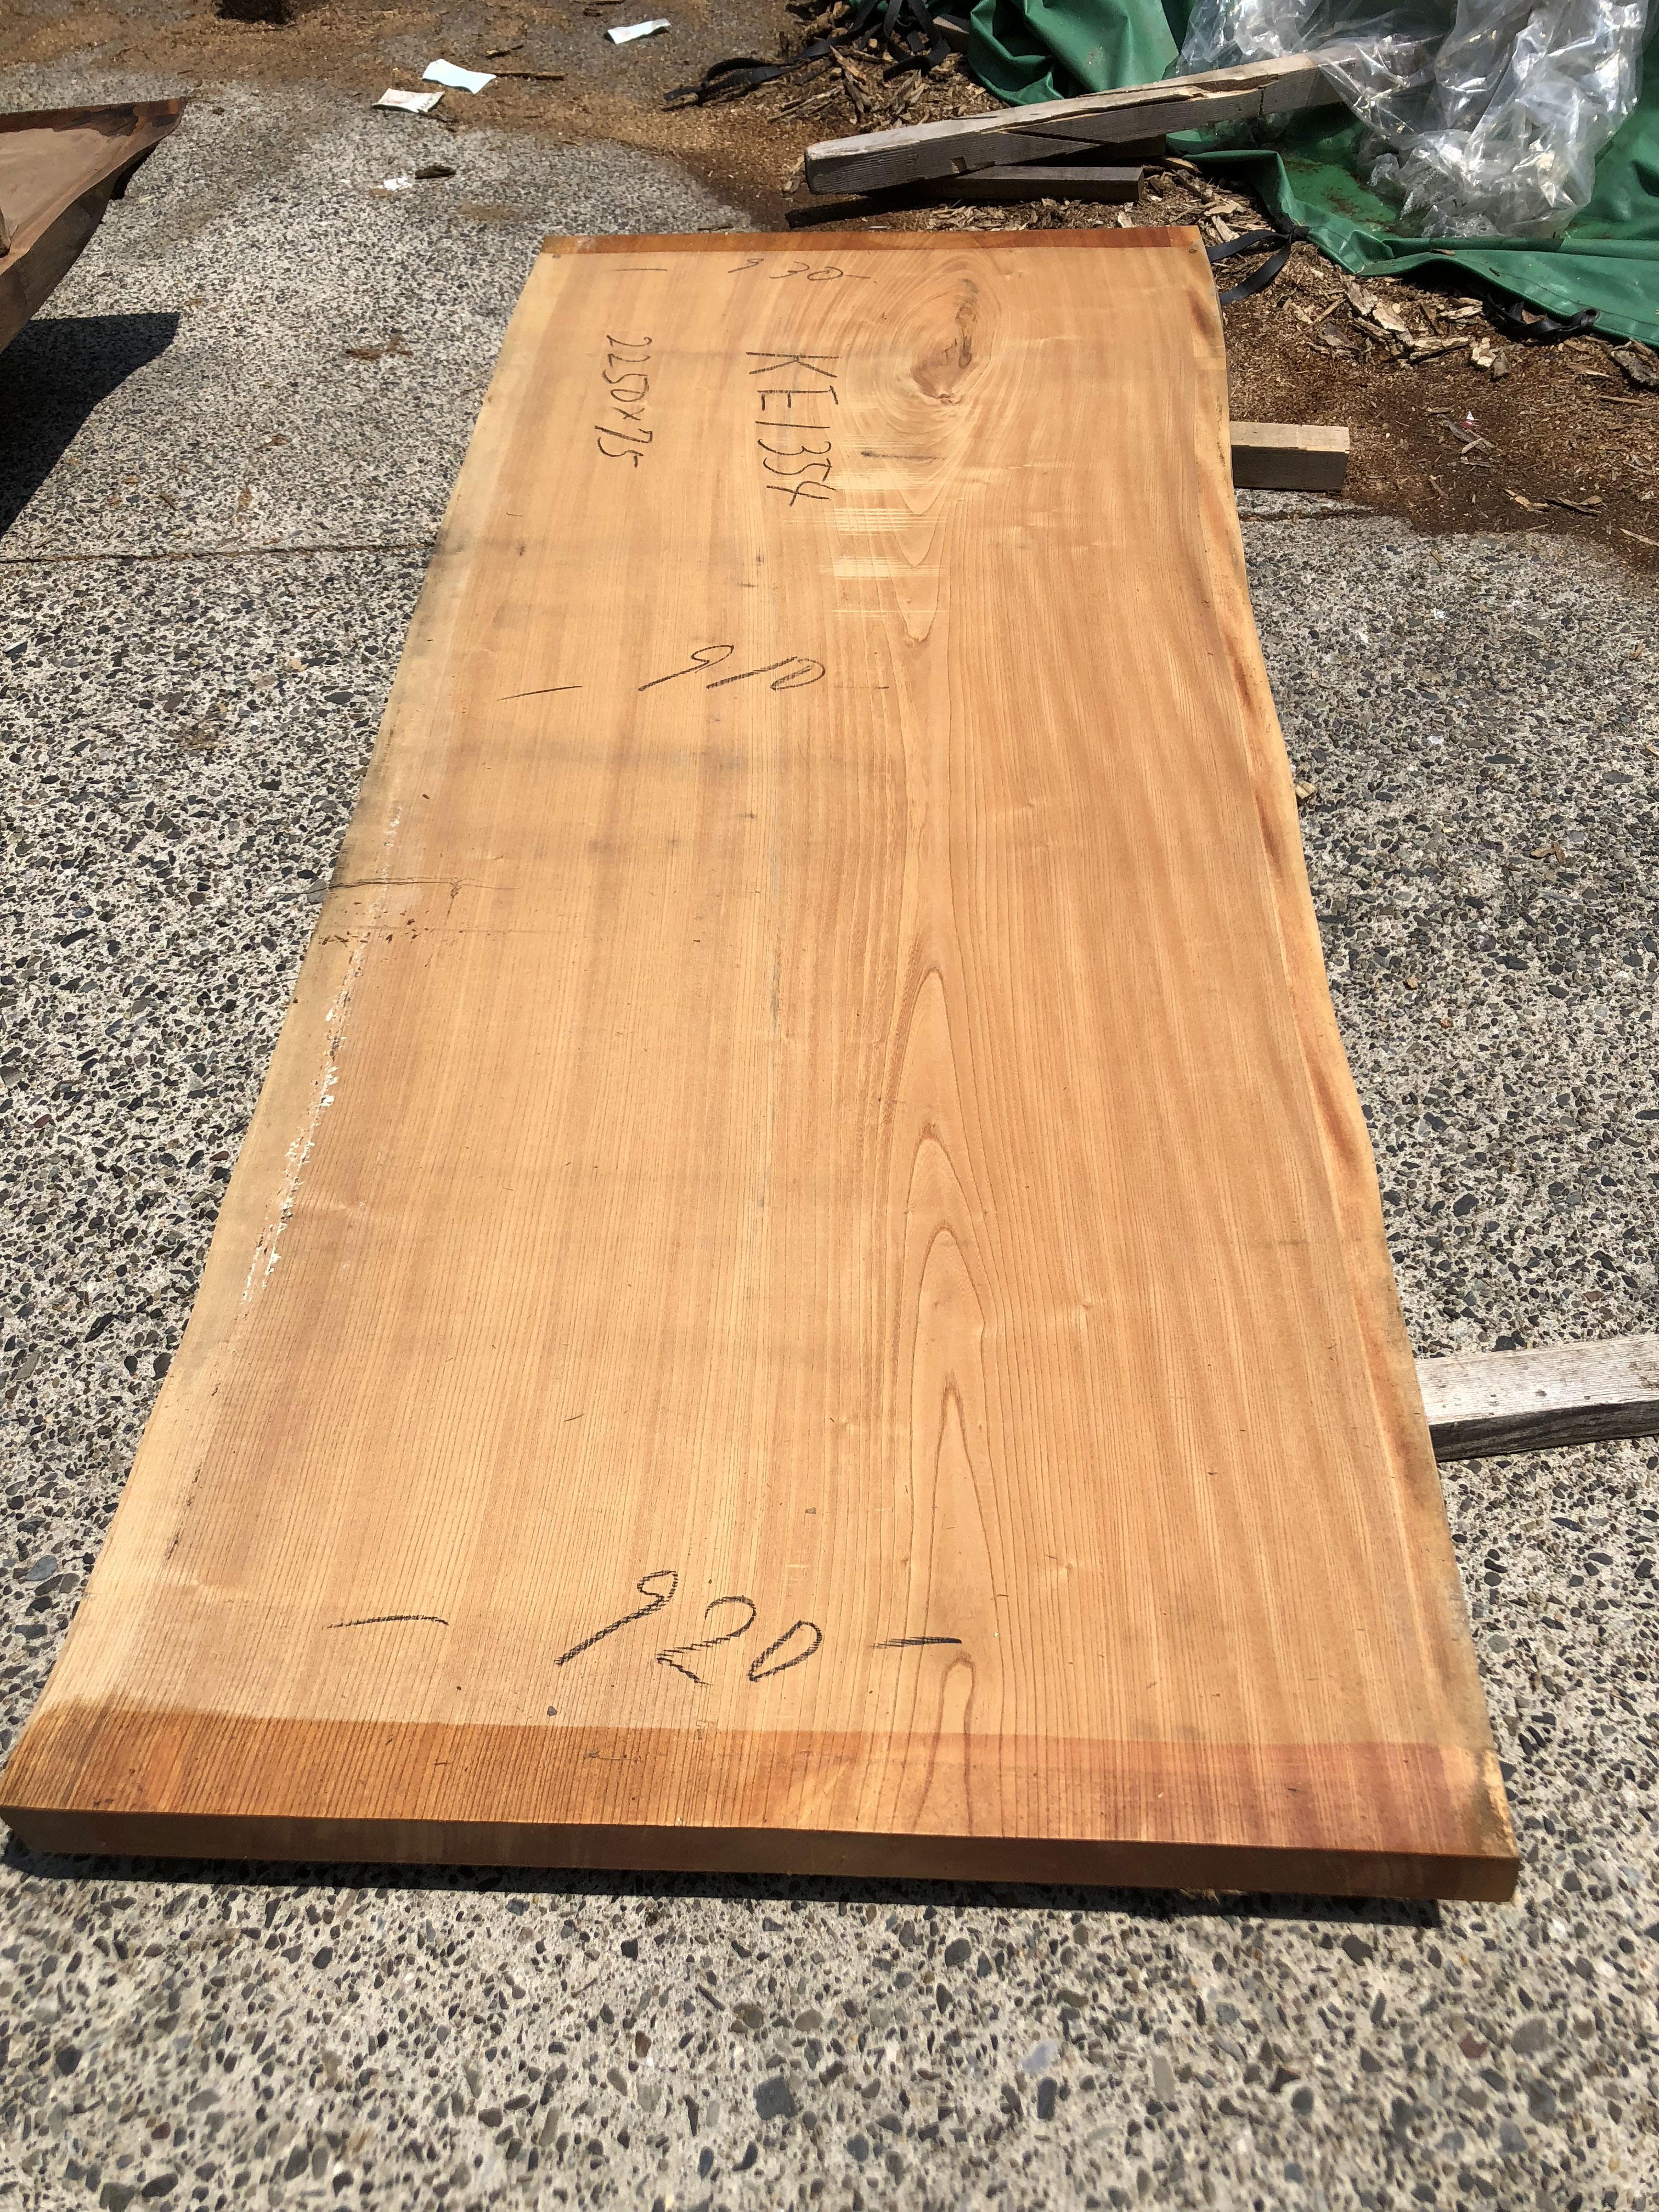 欅一枚板ke1354